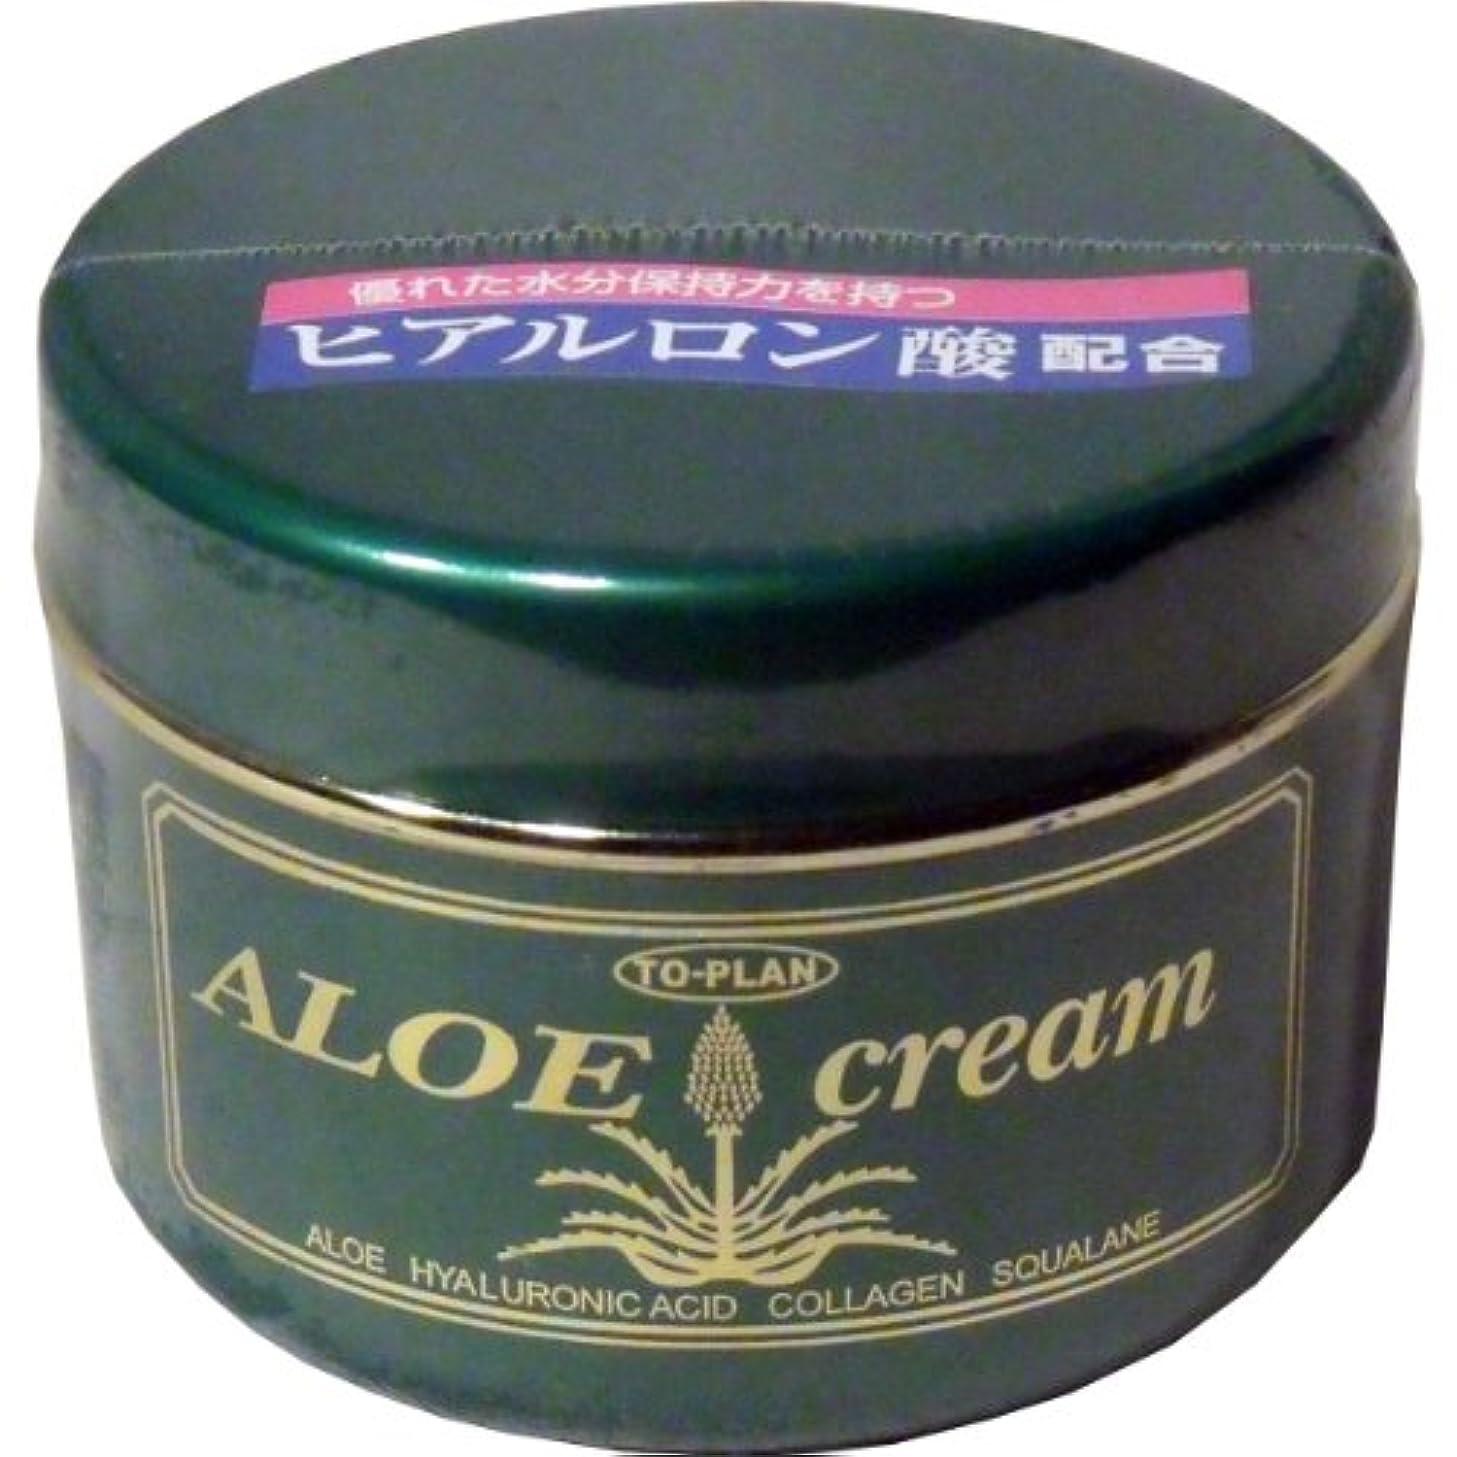 アスペクトヒロイック囚人トプラン ハーブフレッシュクリーム(アロエクリーム) ヒアルロン酸 170g ×10個セット